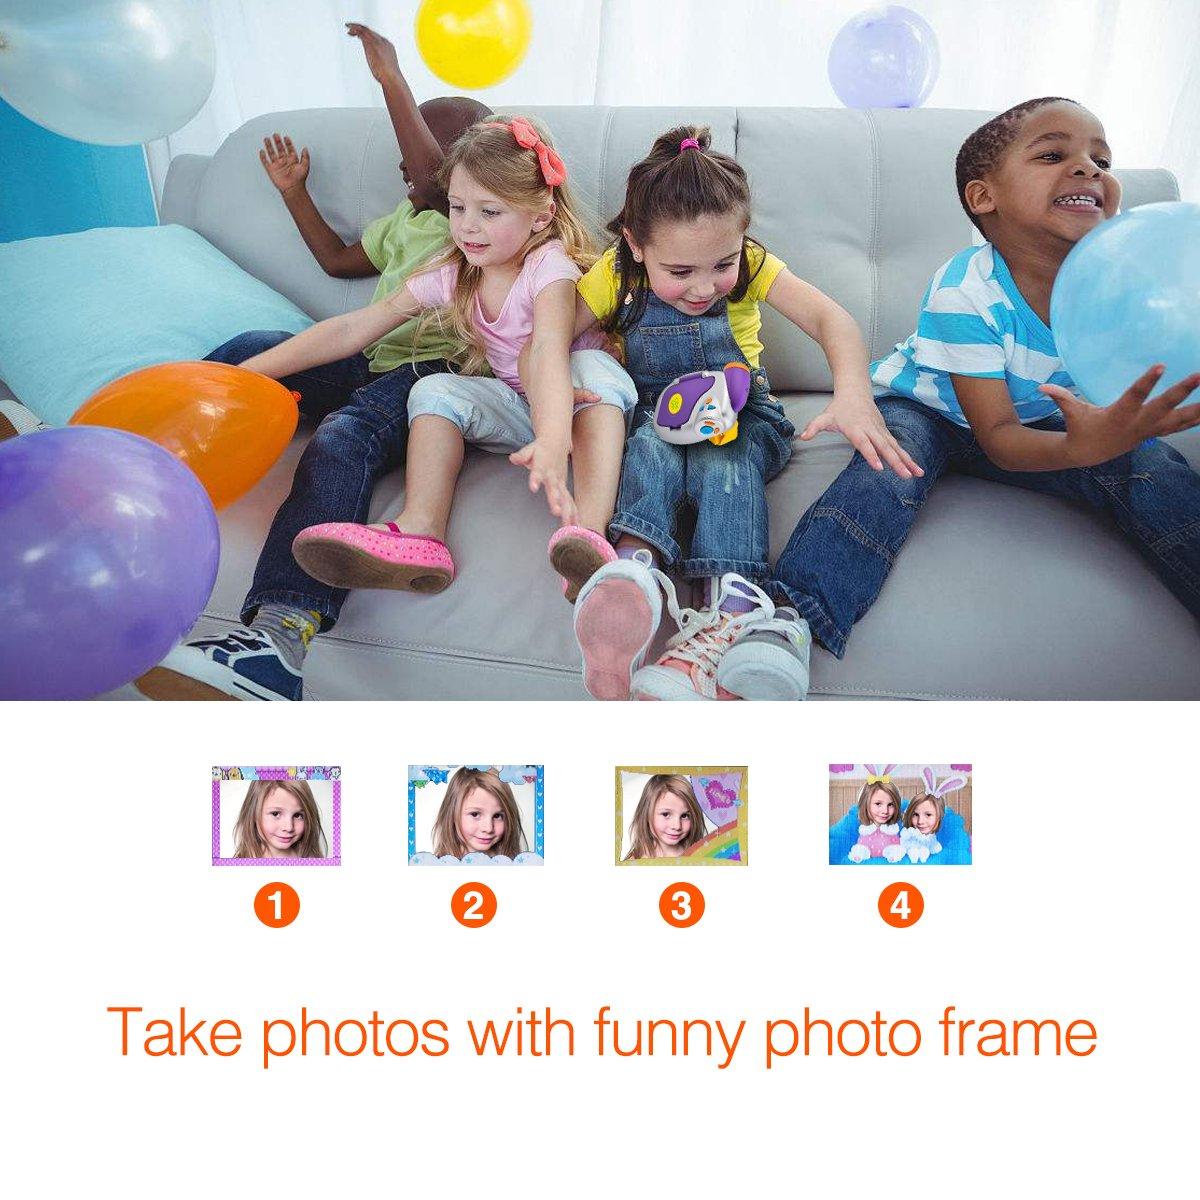 Digital Video Camera for Kids, AMKOV Kids Camcorder, 1.44 Inch Full-Color TFT Display Kids Camera by AMKOV (Image #7)